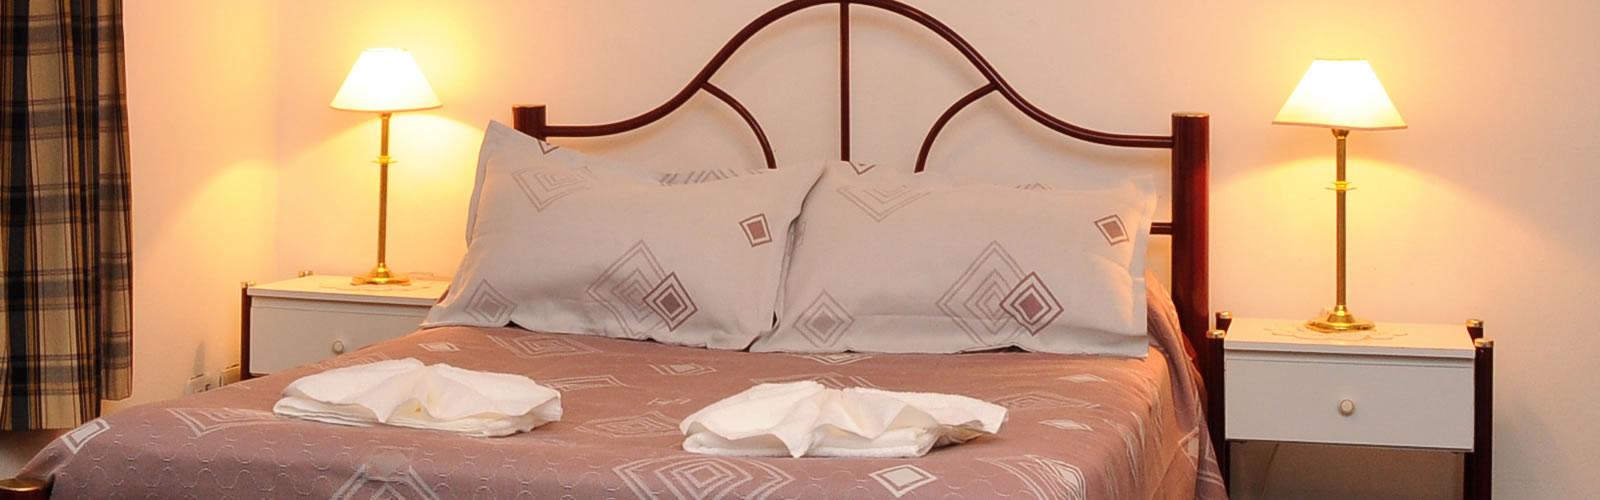 Habitación en Hotel Salerno de Villa Carlos Paz